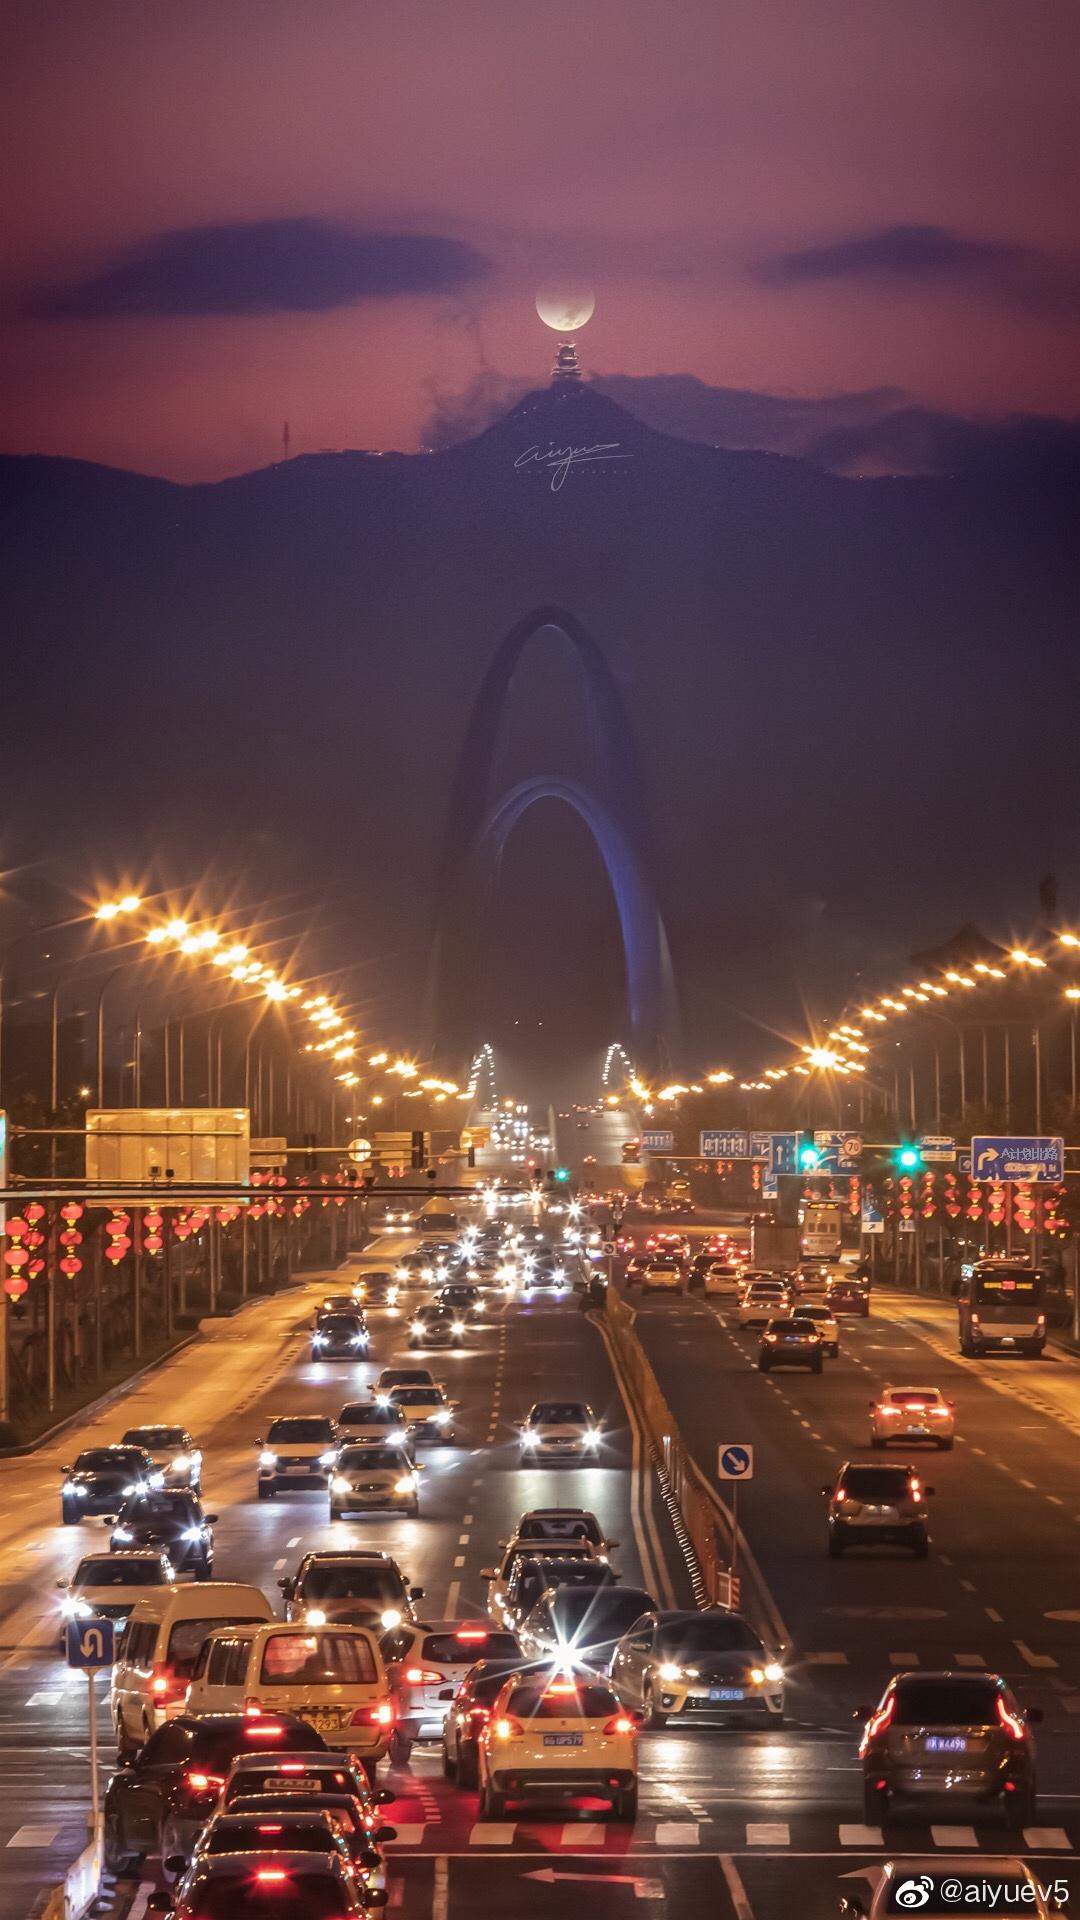 A计划·科学摄影线下培训北京站-还余2个名额时间:11月9-12日